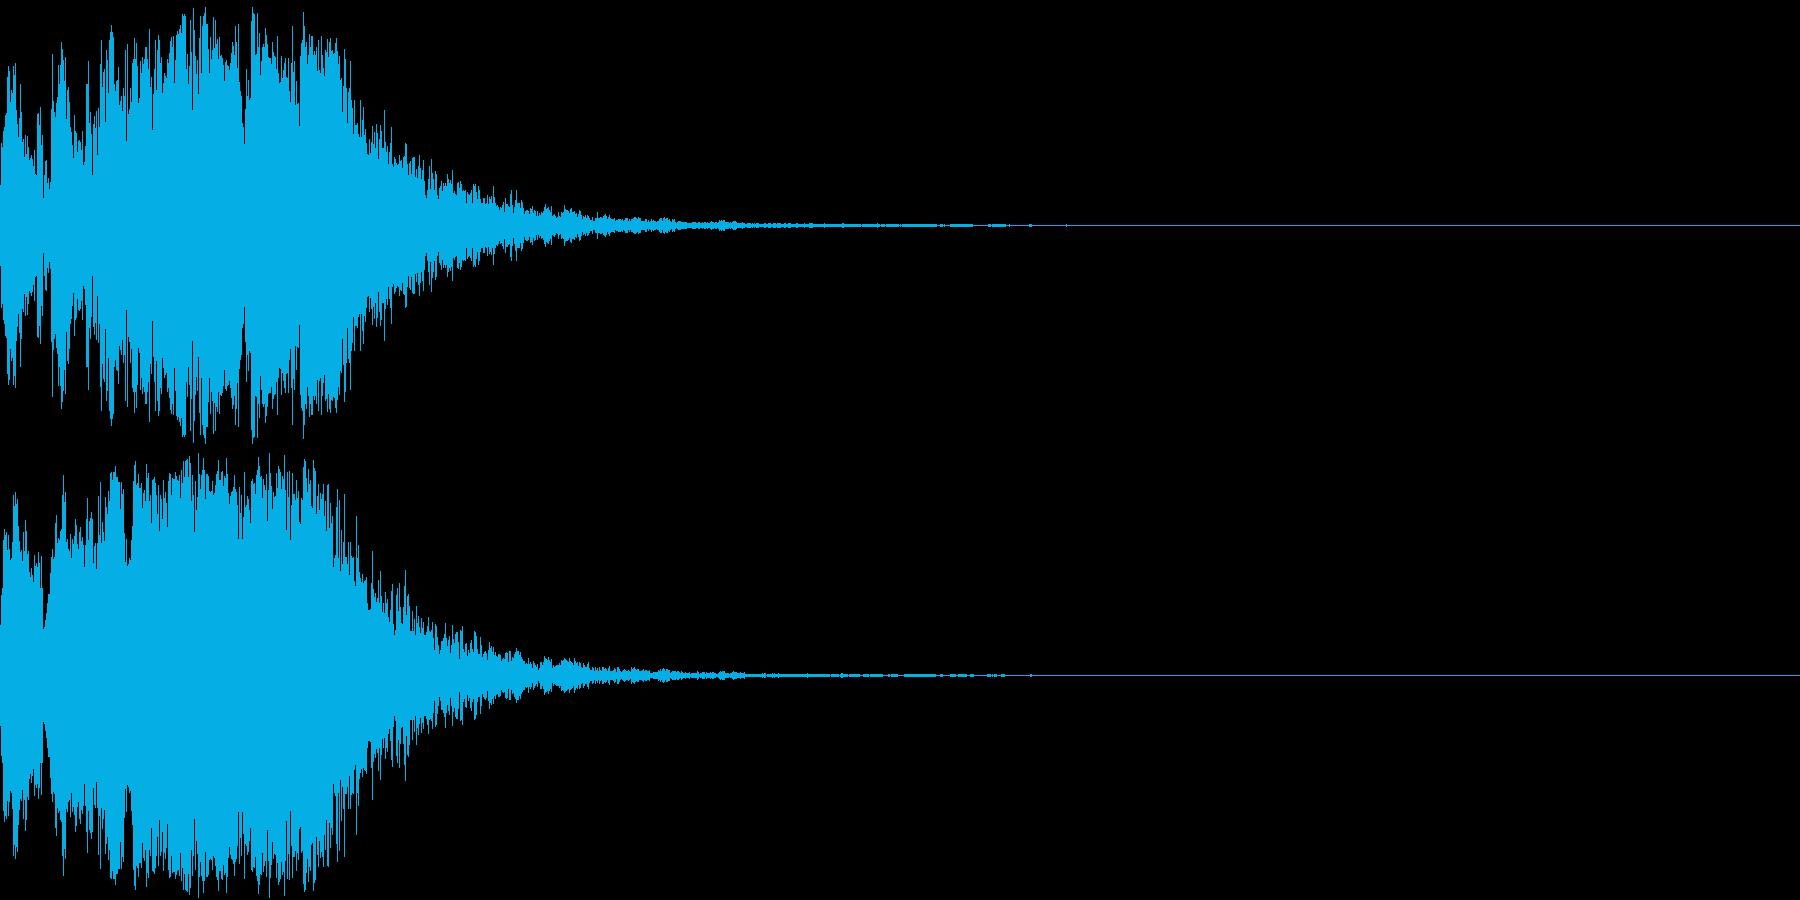 ファンファーレ 当たり 正解 合格 11の再生済みの波形